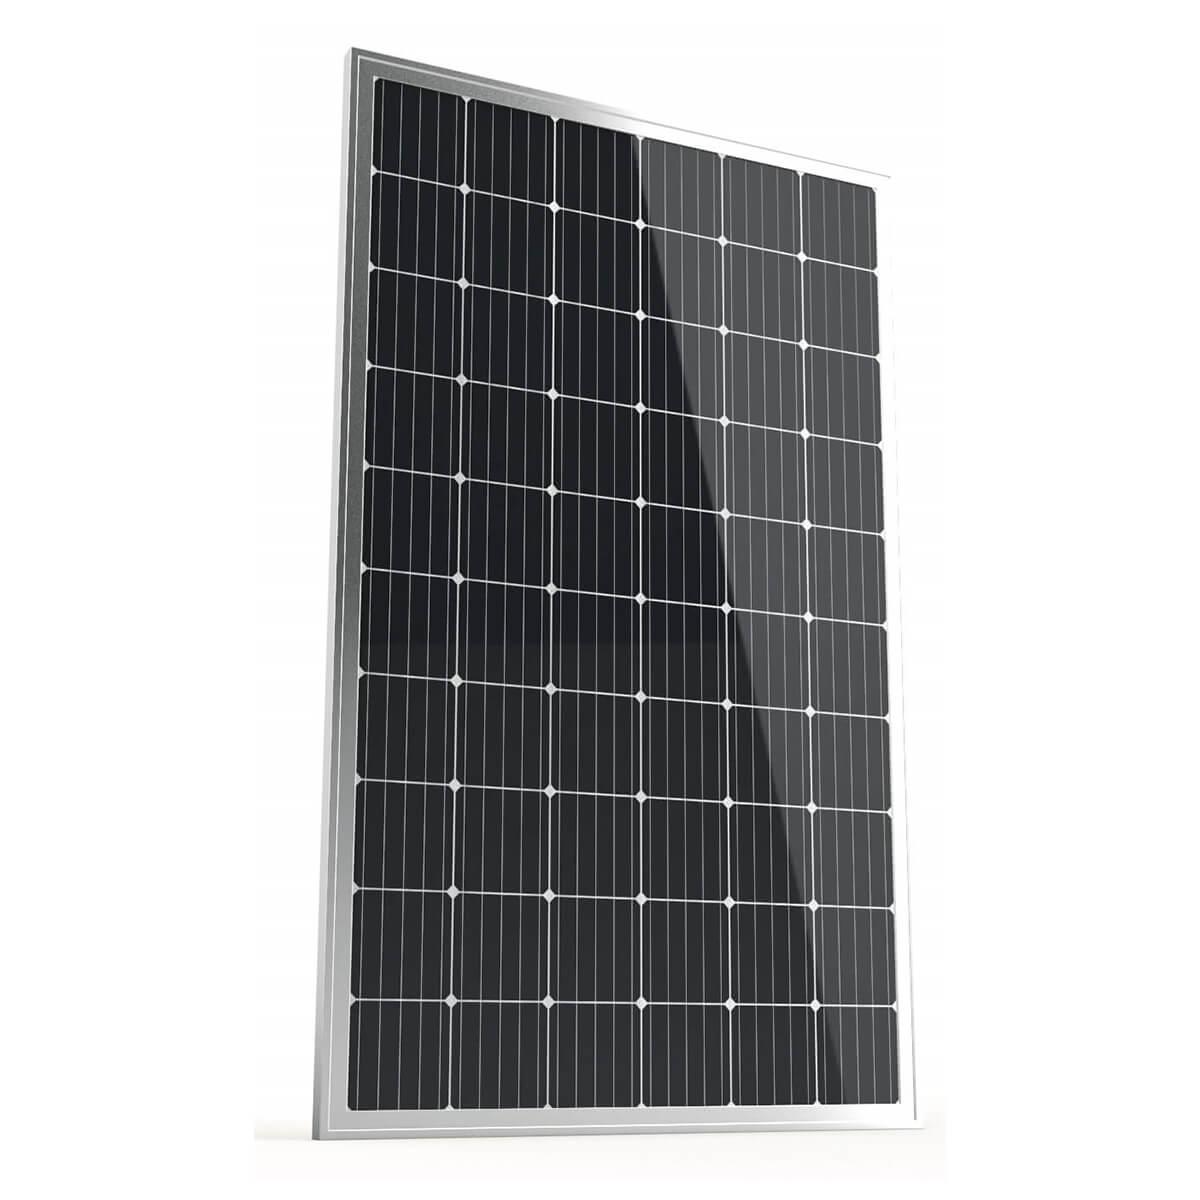 2h enerji winasol 340W panel, 2h enerji winasol 340Watt panel, 2h enerji winasol 340 W panel, 2h enerji winasol 340 Watt panel, 2h enerji winasol 340 Watt monokristal panel, 2h enerji winasol 340 W watt gunes paneli, 2h enerji winasol 340 W watt monokristal gunes paneli, 2h enerji winasol 340 W Watt fotovoltaik monokristal solar panel, 2h enerji winasol 340W monokristal gunes enerjisi, 2h enerji winasol 60-M3-340W panel, WINASOL 340 WATT